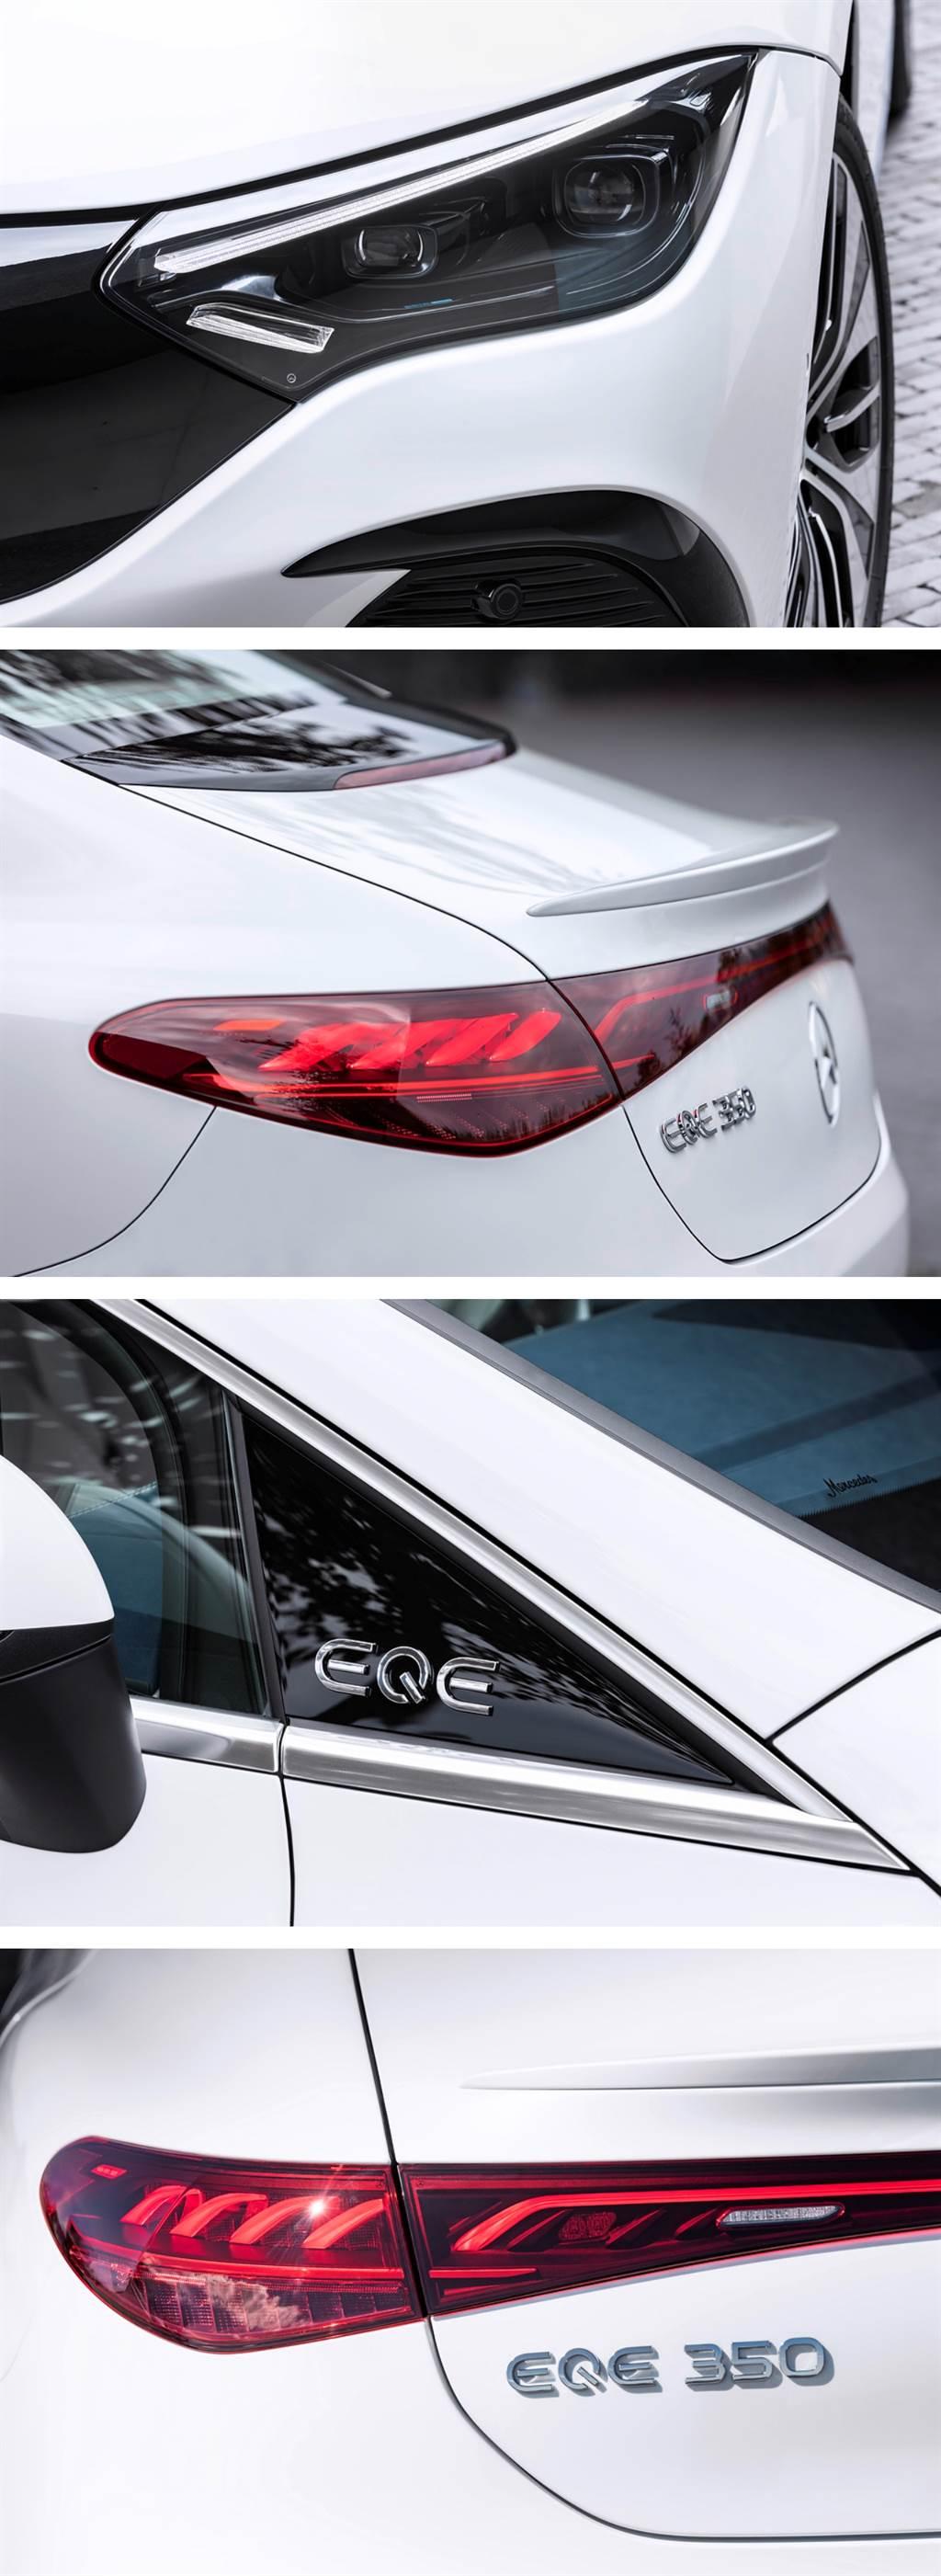 宛如縮小版 EQS、Mercedes-Benz EQE 純電 E-Class 正式亮相!(圖/CarStuff)